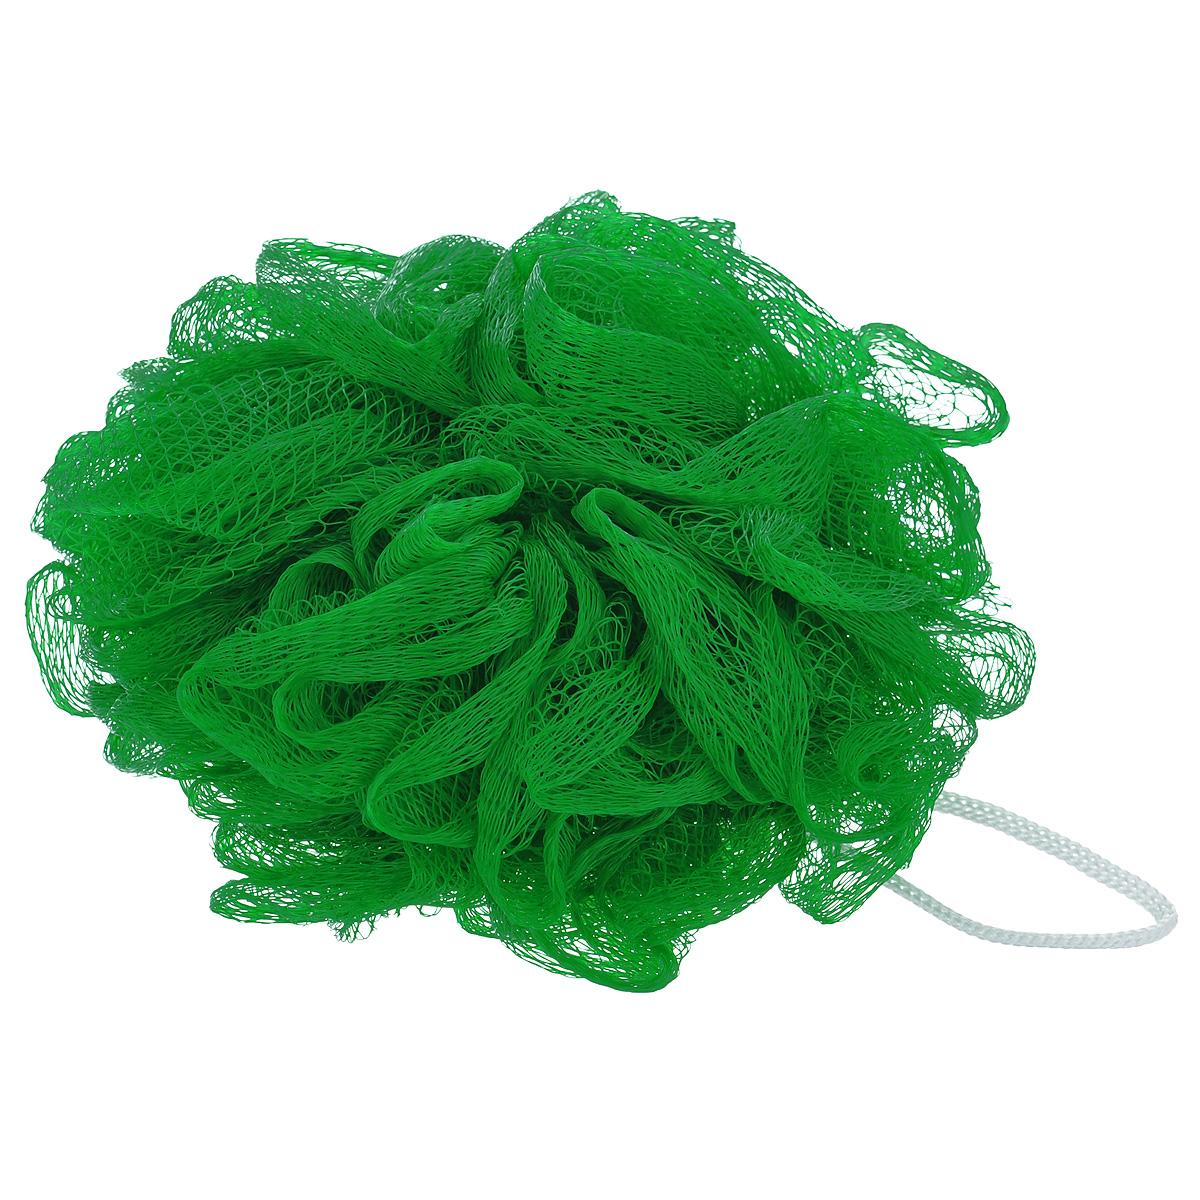 Мочалка массажная Eva Бантик, средней жесткости, цвет: зеленый, диаметр 12 смМС50_зеленыйМочалка Eva Бантик, выполненная из нейлона, станет незаменимым аксессуаром в ванной комнате. Благодаря своему составу она отлично пенится. Мочалка оказывает эффект массажа, тонизирует и очищает кожу. На мочалке имеется удобная петелька для подвешивания.Подходит для всех типов кожи и не вызывает аллергию.Диаметр: 12 см.